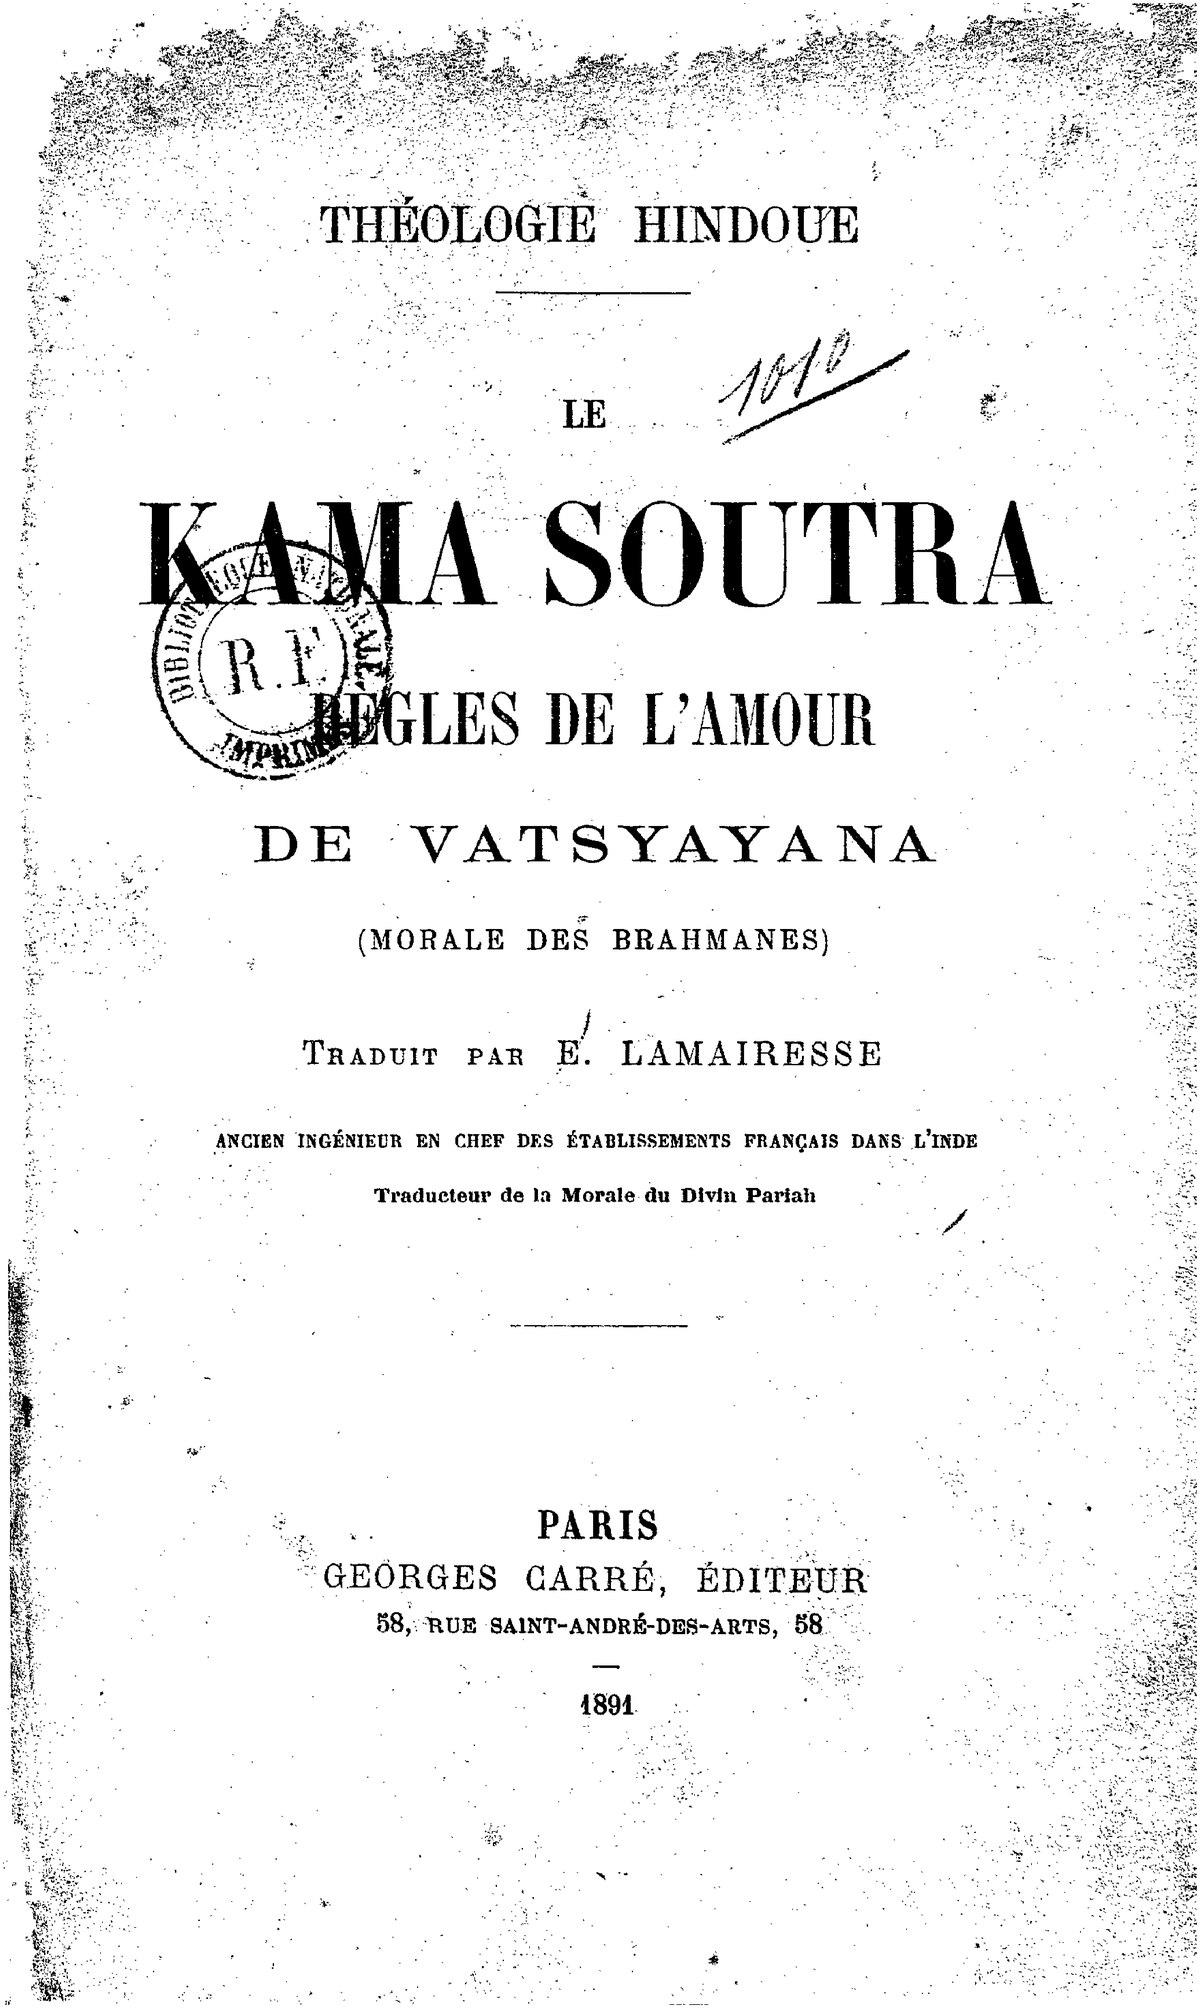 カーマ スートラ wiki